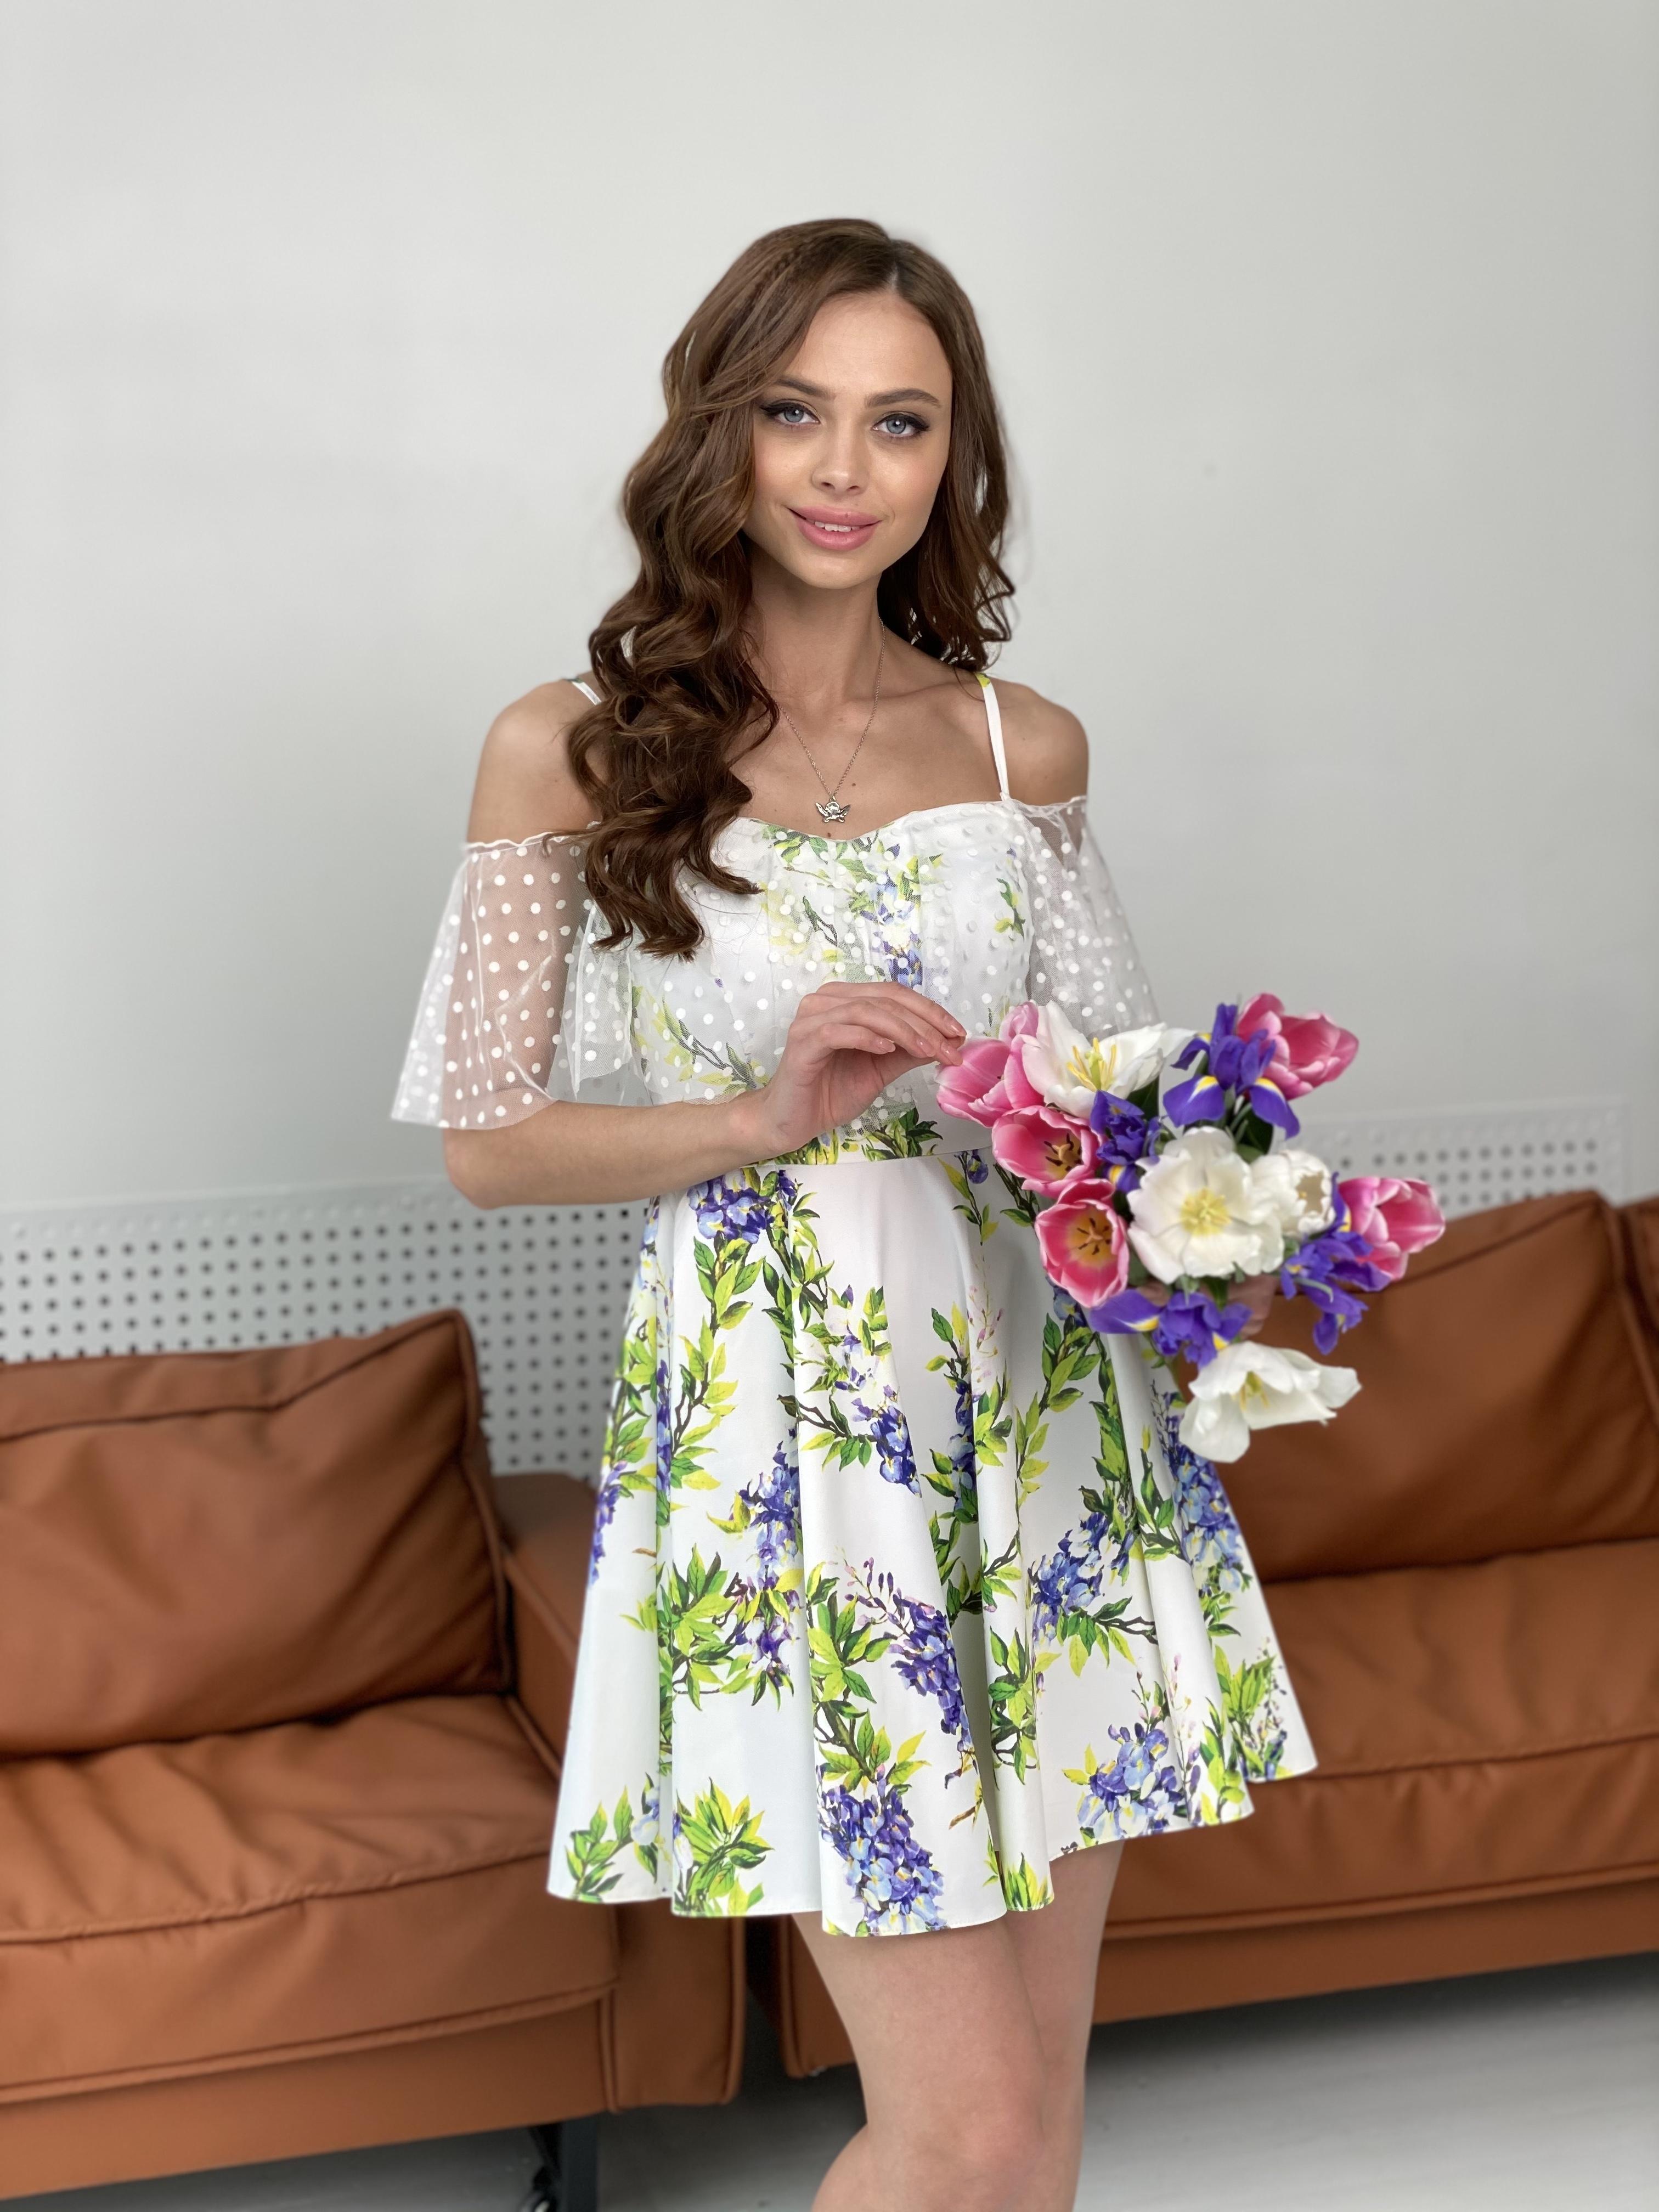 Тори платье из коттона с принтом 7189 АРТ. 43095 Цвет: Цветы фиолет/молоко - фото 5, интернет магазин tm-modus.ru